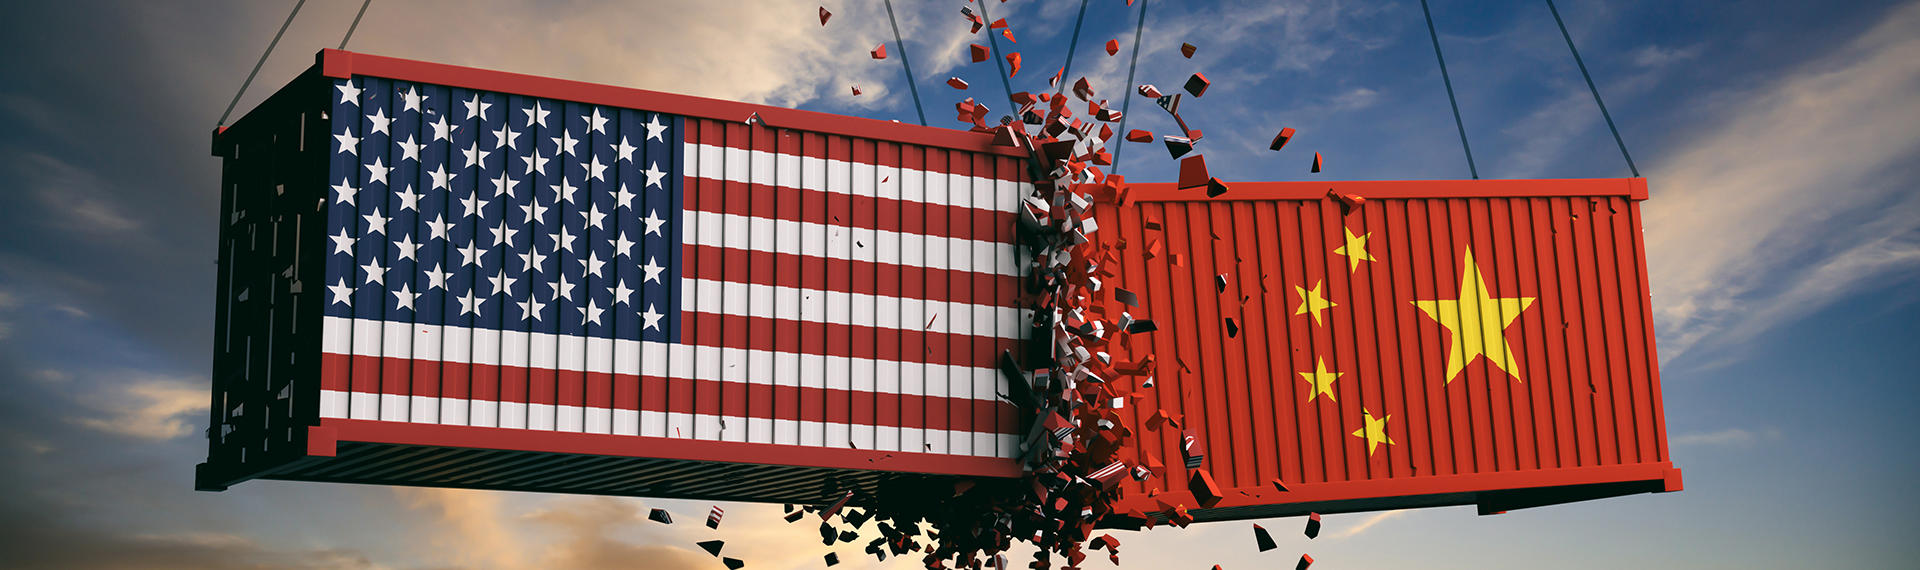 Ein heimtückischer Handelskrieg mit verhängnisvollen Auswirkungen